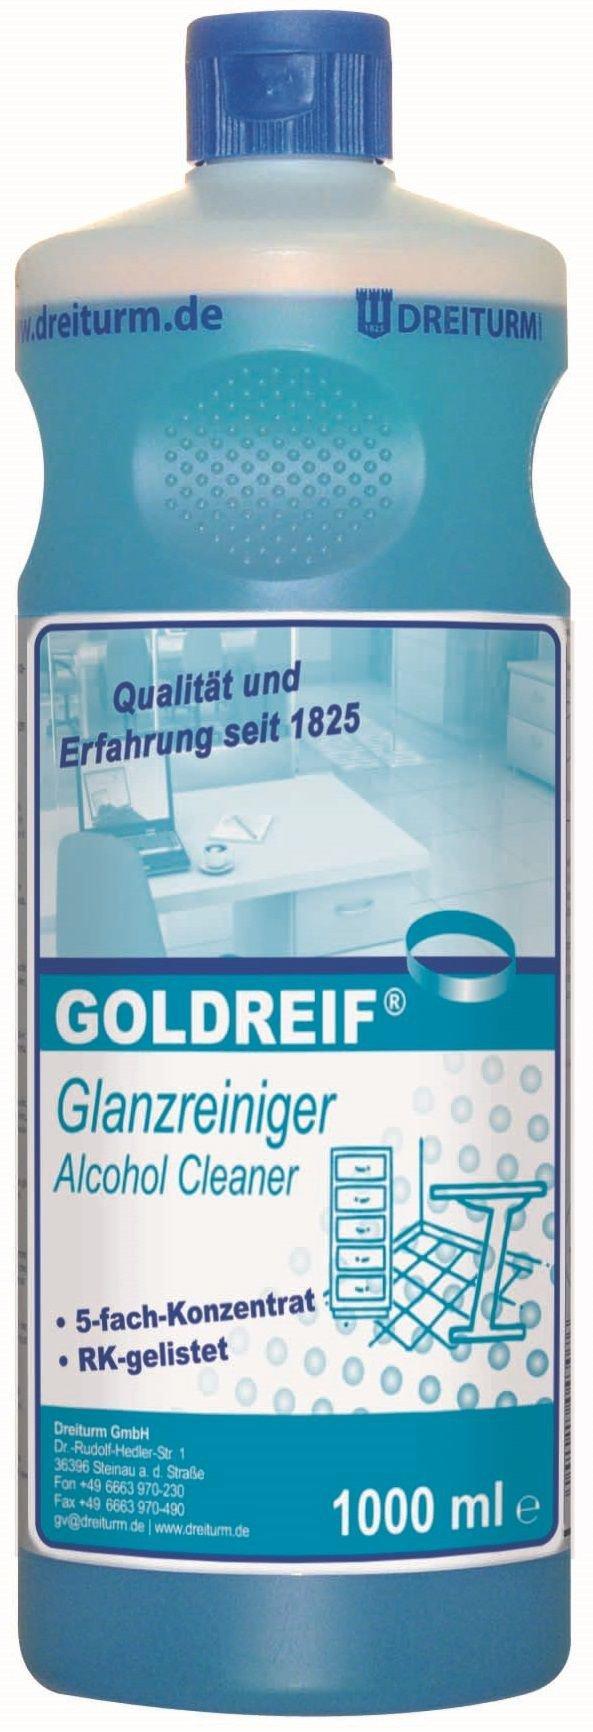 5381 detergent pentru suprafete goldreif dreiturm Detergent universal pentru toate suprafetele | Goldreif Glanzreiniger | Dreiturm - Unilift Detergent universal pentru toate suprafetele